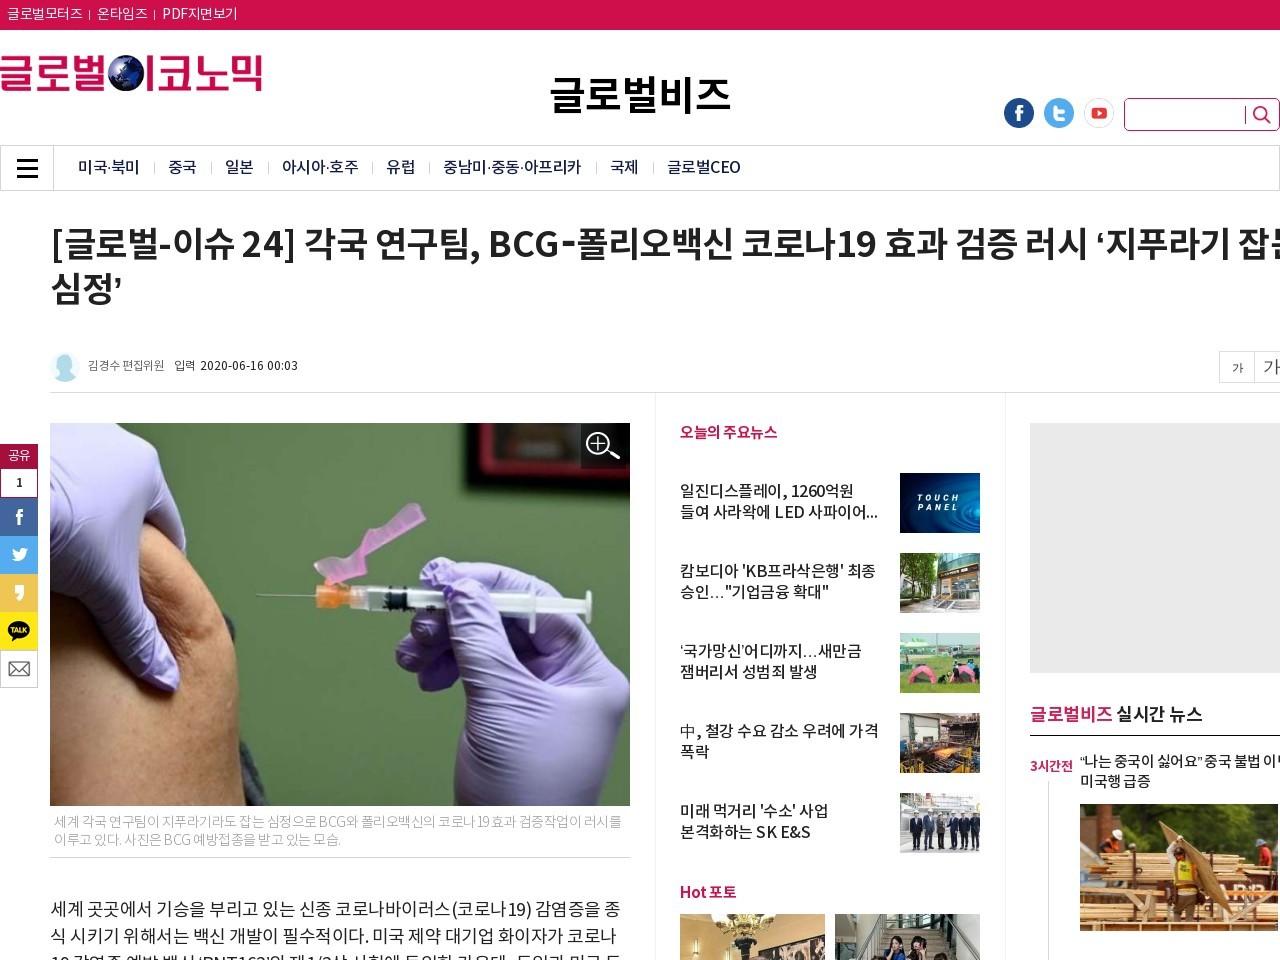 [글로벌-이슈 24] 각국 연구팀, BCG⁃폴리오백신 코로나19 효과 검증 러시 '지푸라기 잡는 심정'